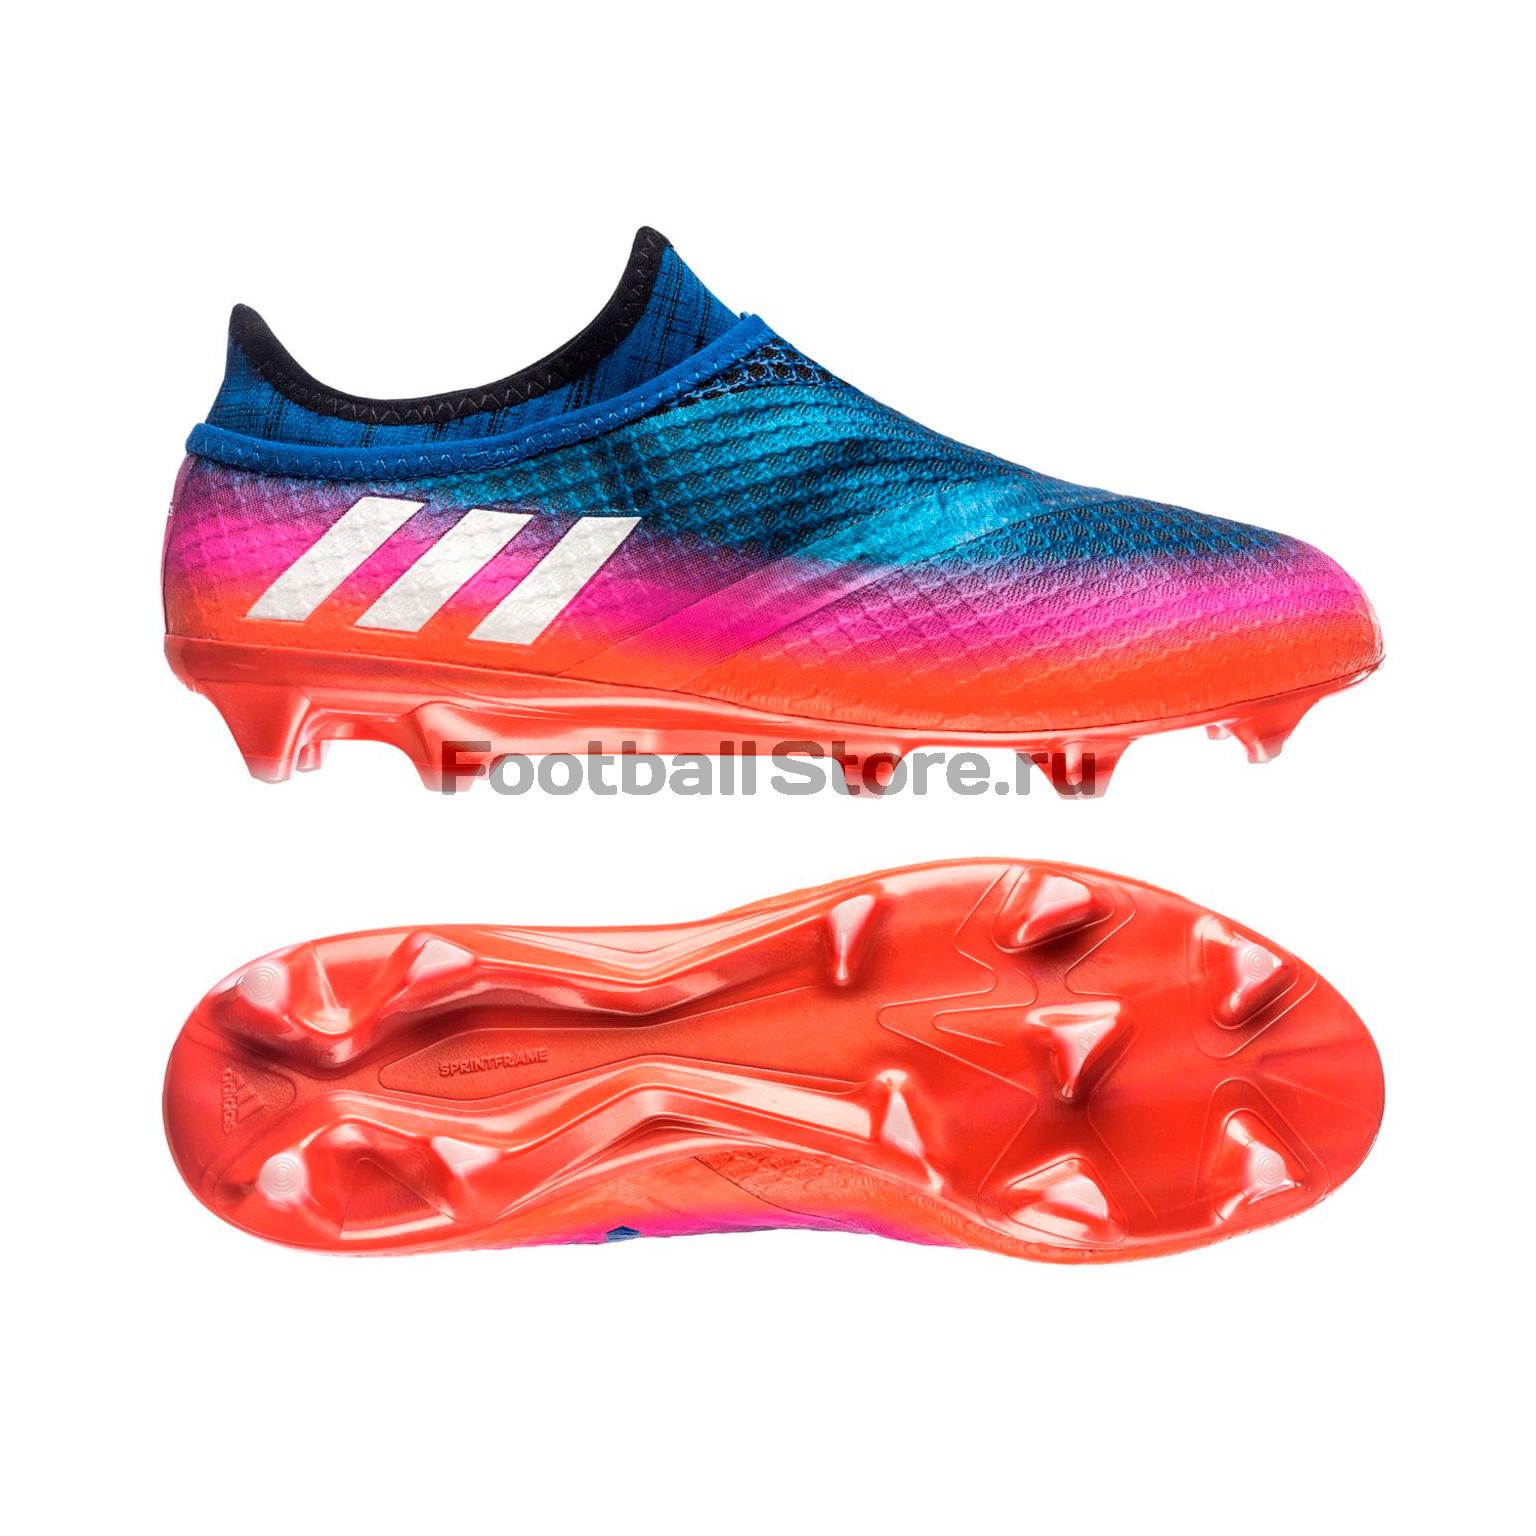 c6363ff9 Бутсы Adidas Messi 16+ Pureagility FG BB1871 – купить бутсы в ...